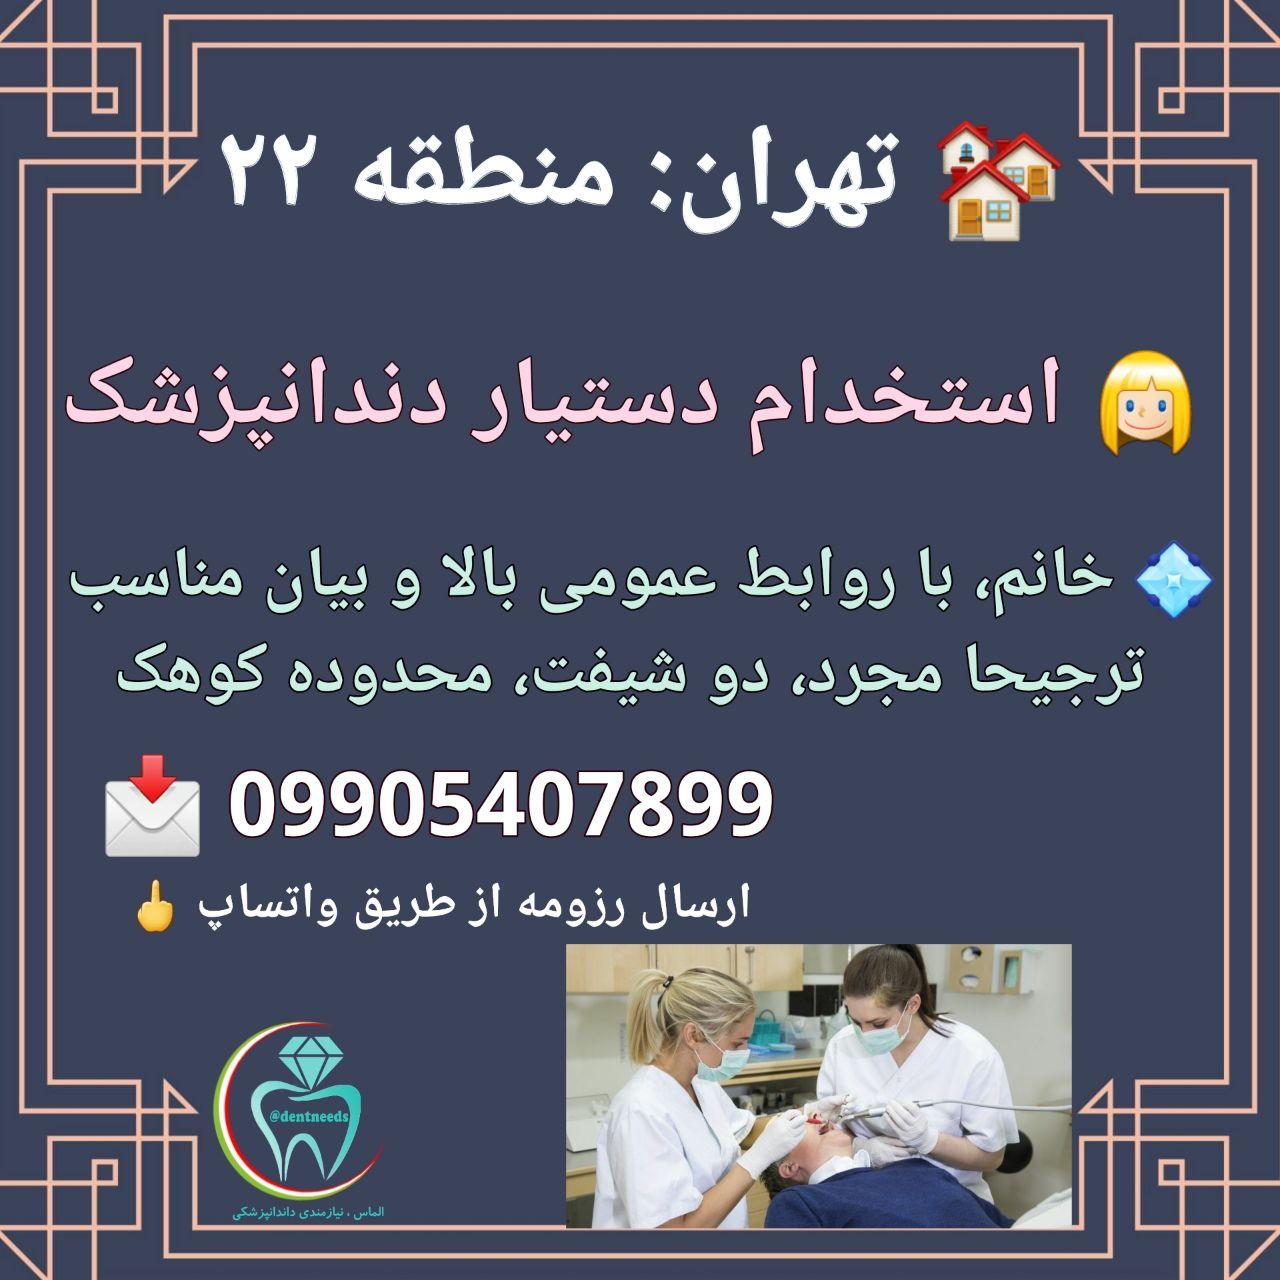 تهران: منطقه ۲۲، استخدام دستیار دندانپزشک